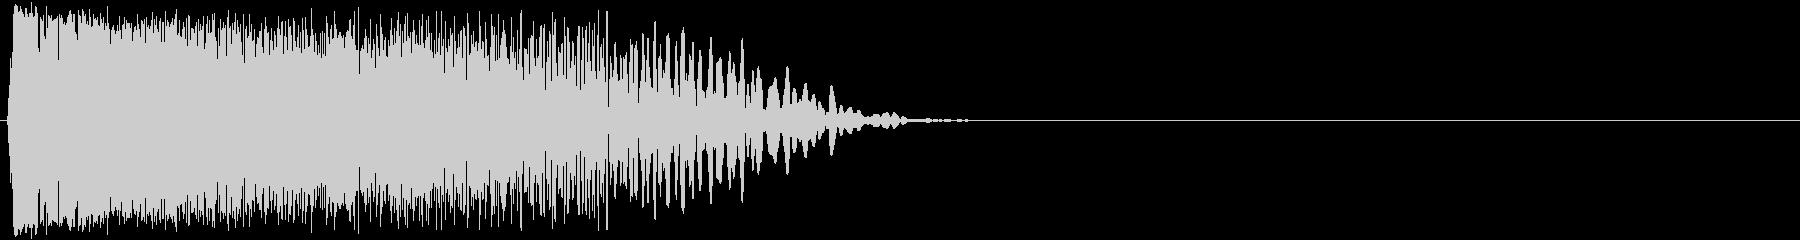 ビシューン(発射・レーザー光線・攻撃)の未再生の波形